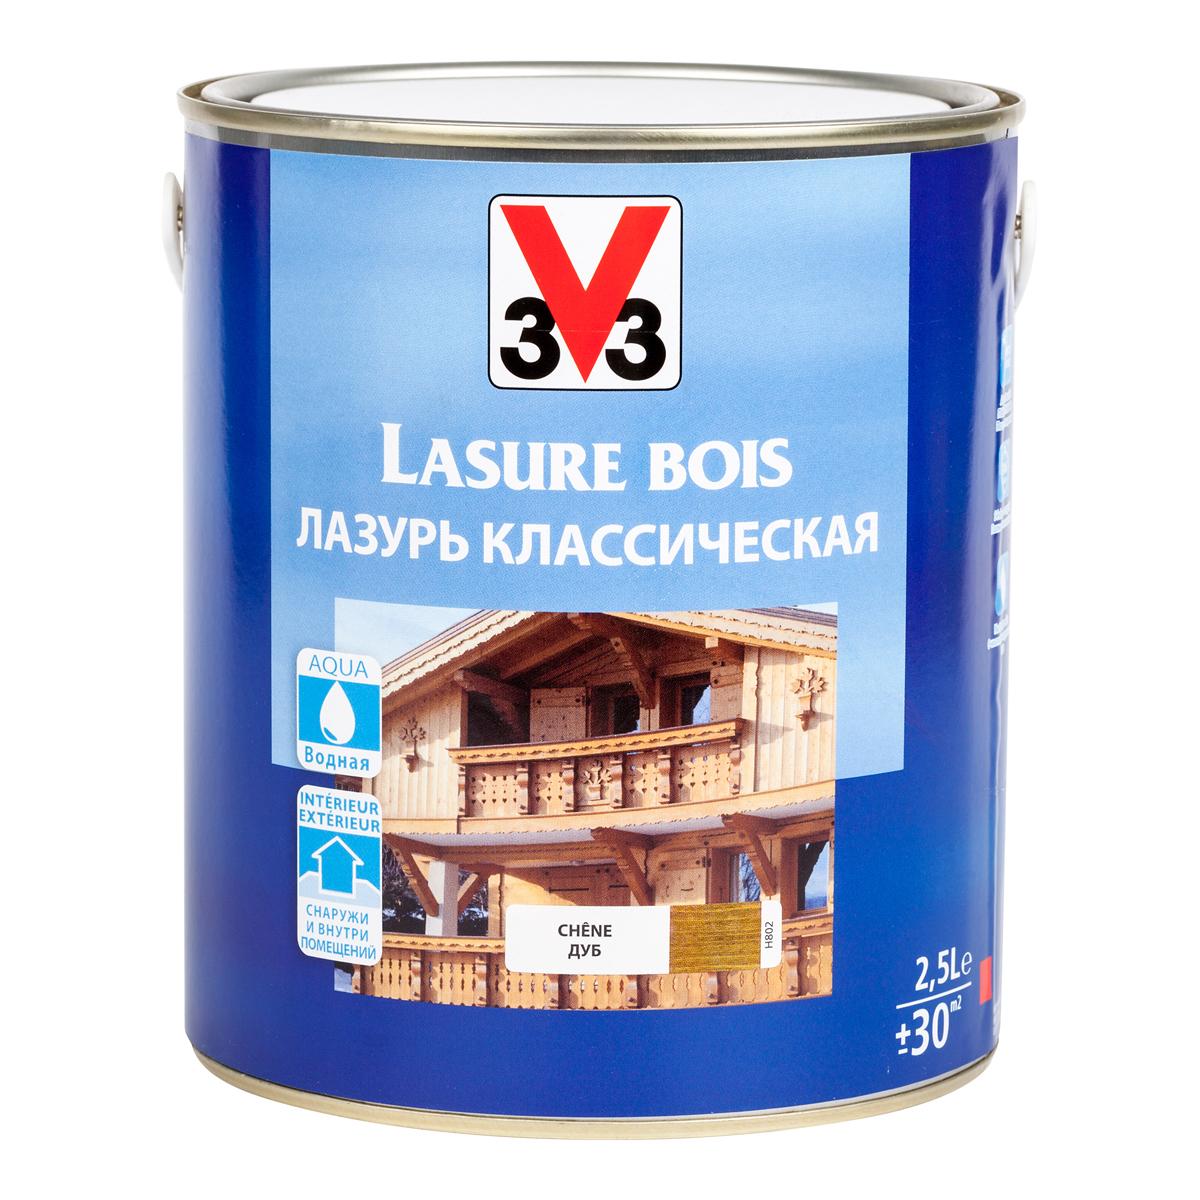 """Лазурь для защиты древесины V33 """"Классическая"""", цвет: дуб, на водной основе, 2,5 л 51793"""